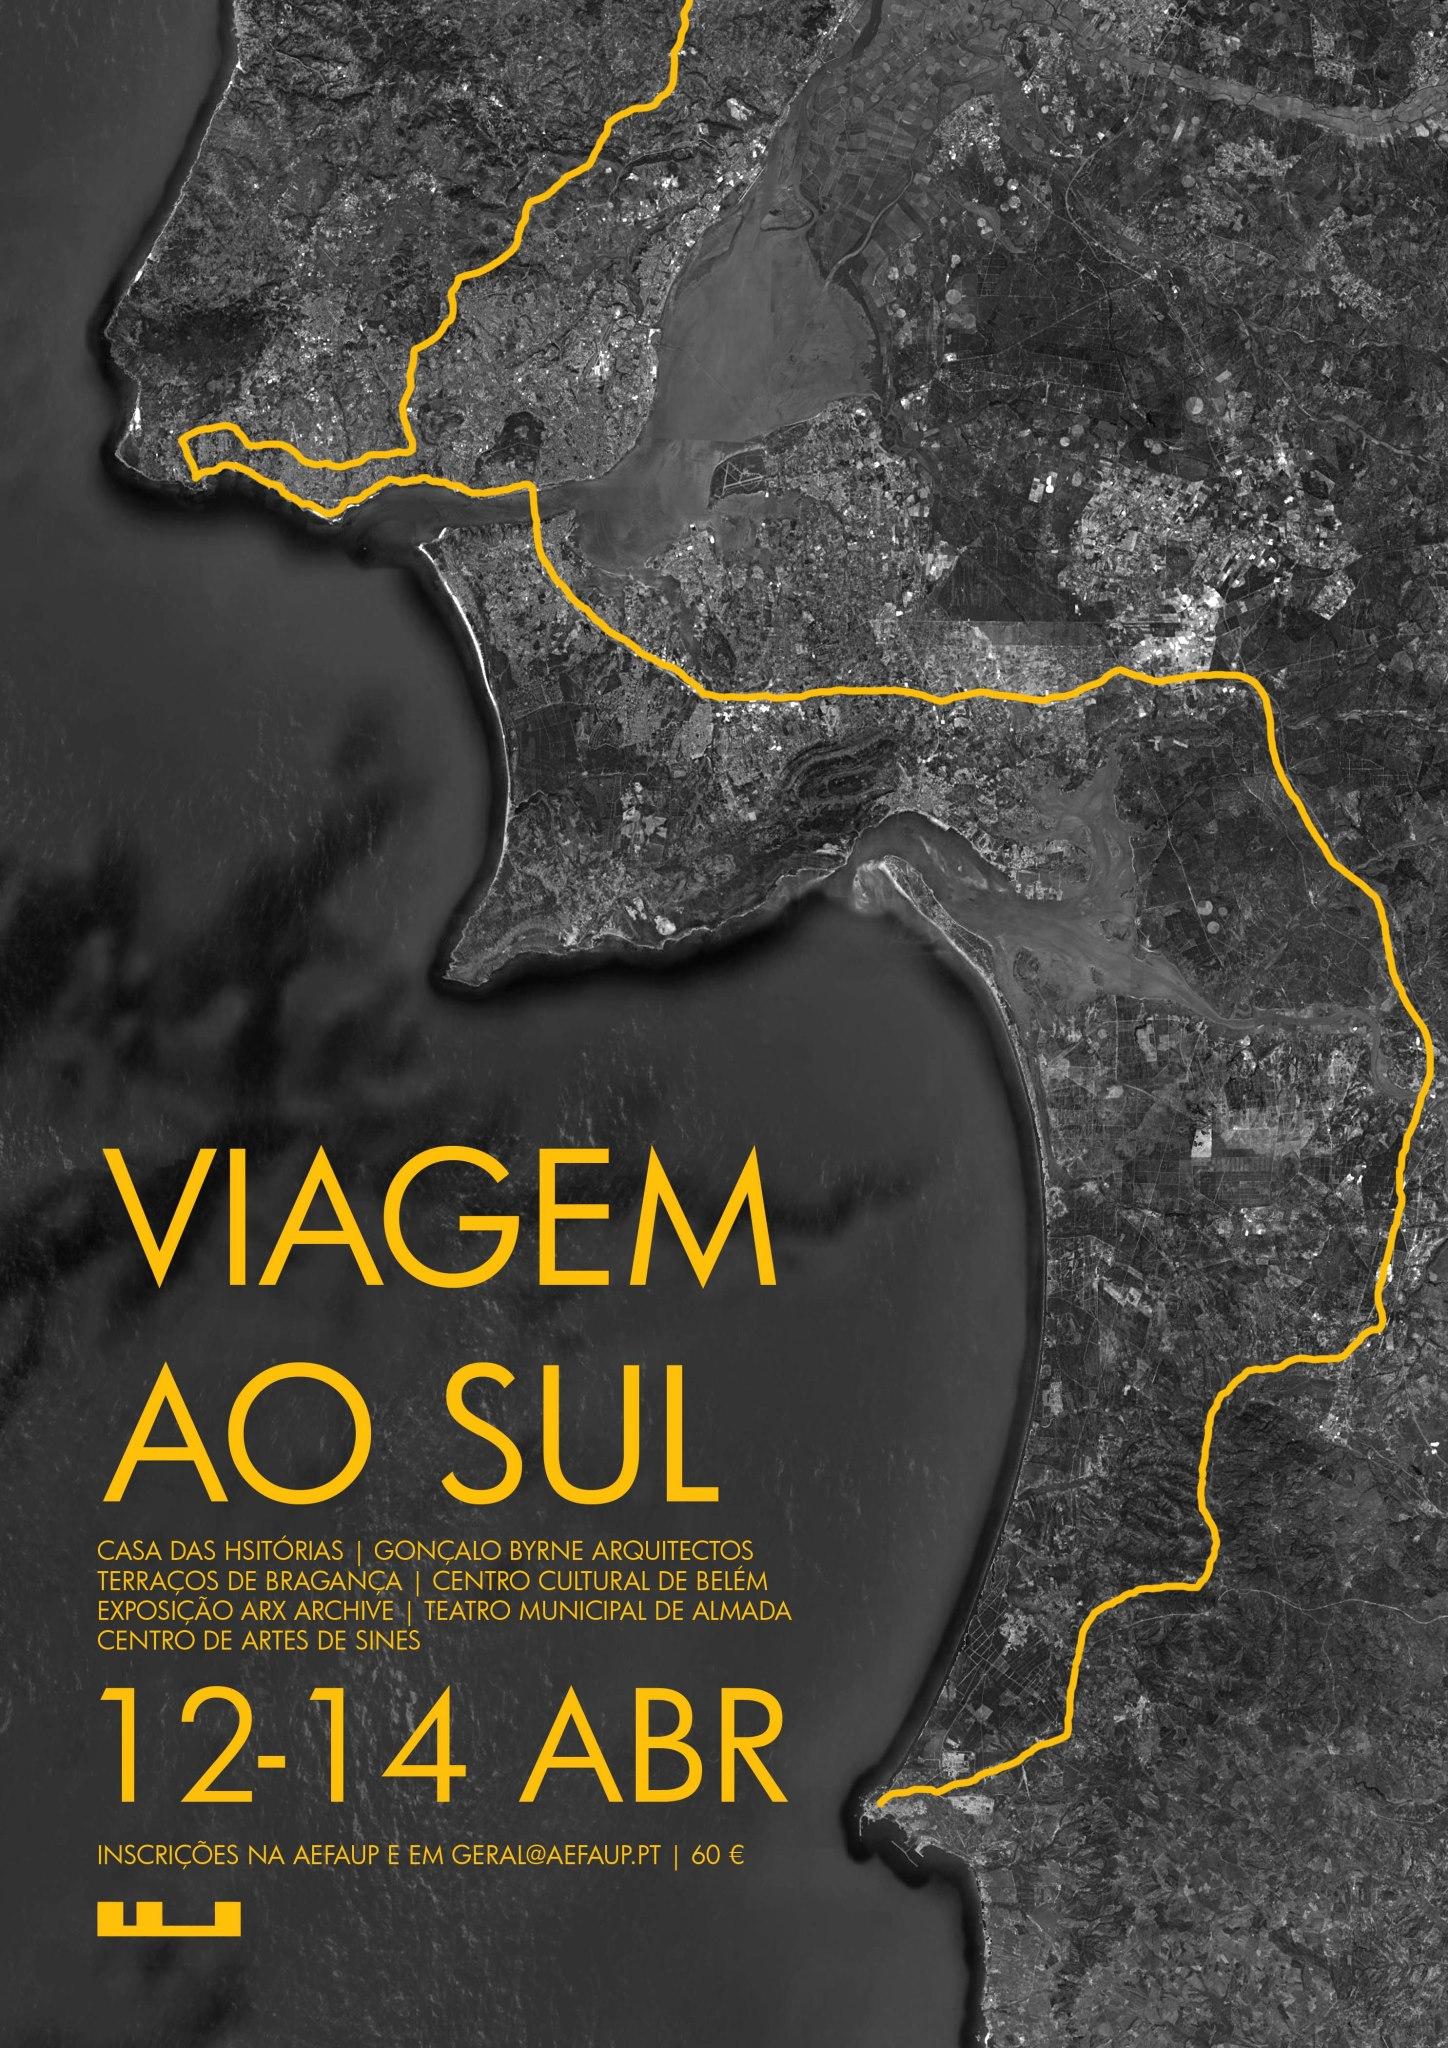 VIAGEM_2013